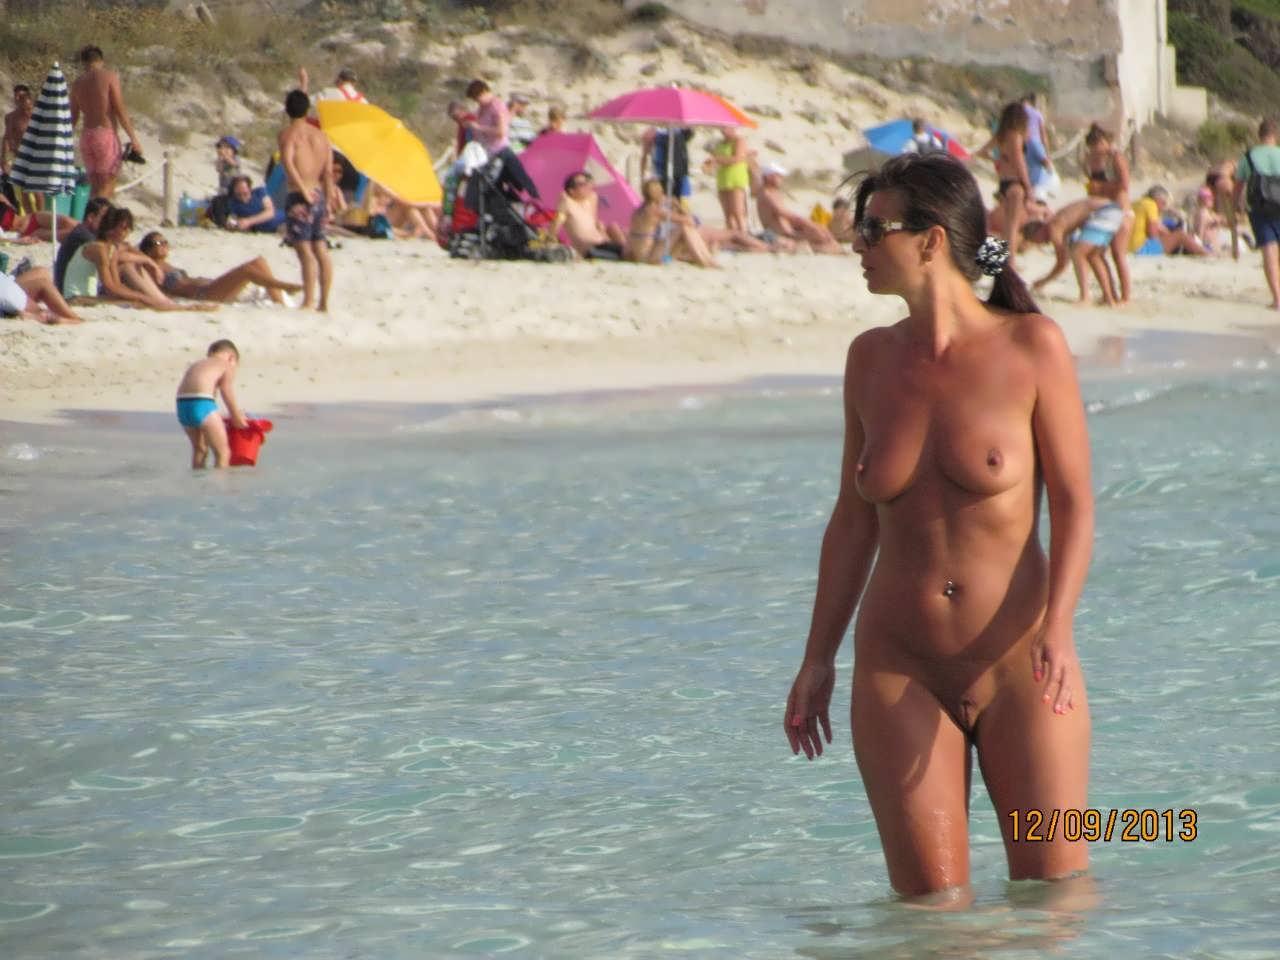 Жду развлечения на нудистском пляже ошибаетесь